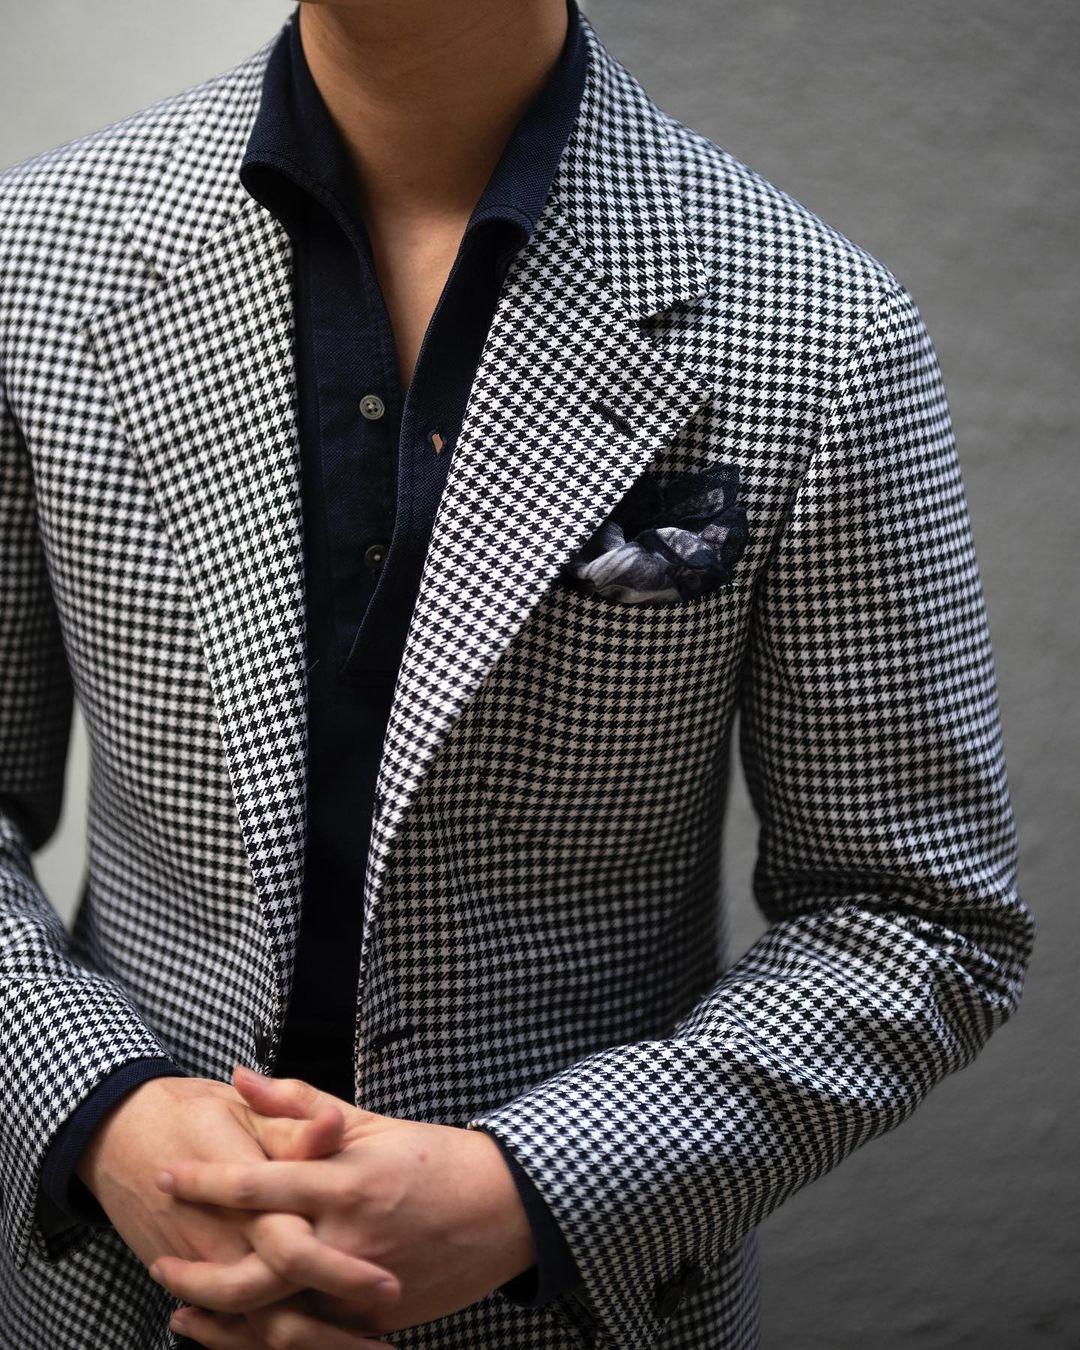 1 حتة حقق طية صدر السترة الرجال البدلات الرسمية مخصص زرين الاختيار سترة الشارع الشهير الذكية عارضة اليومية سترة معطف 1 قطعة